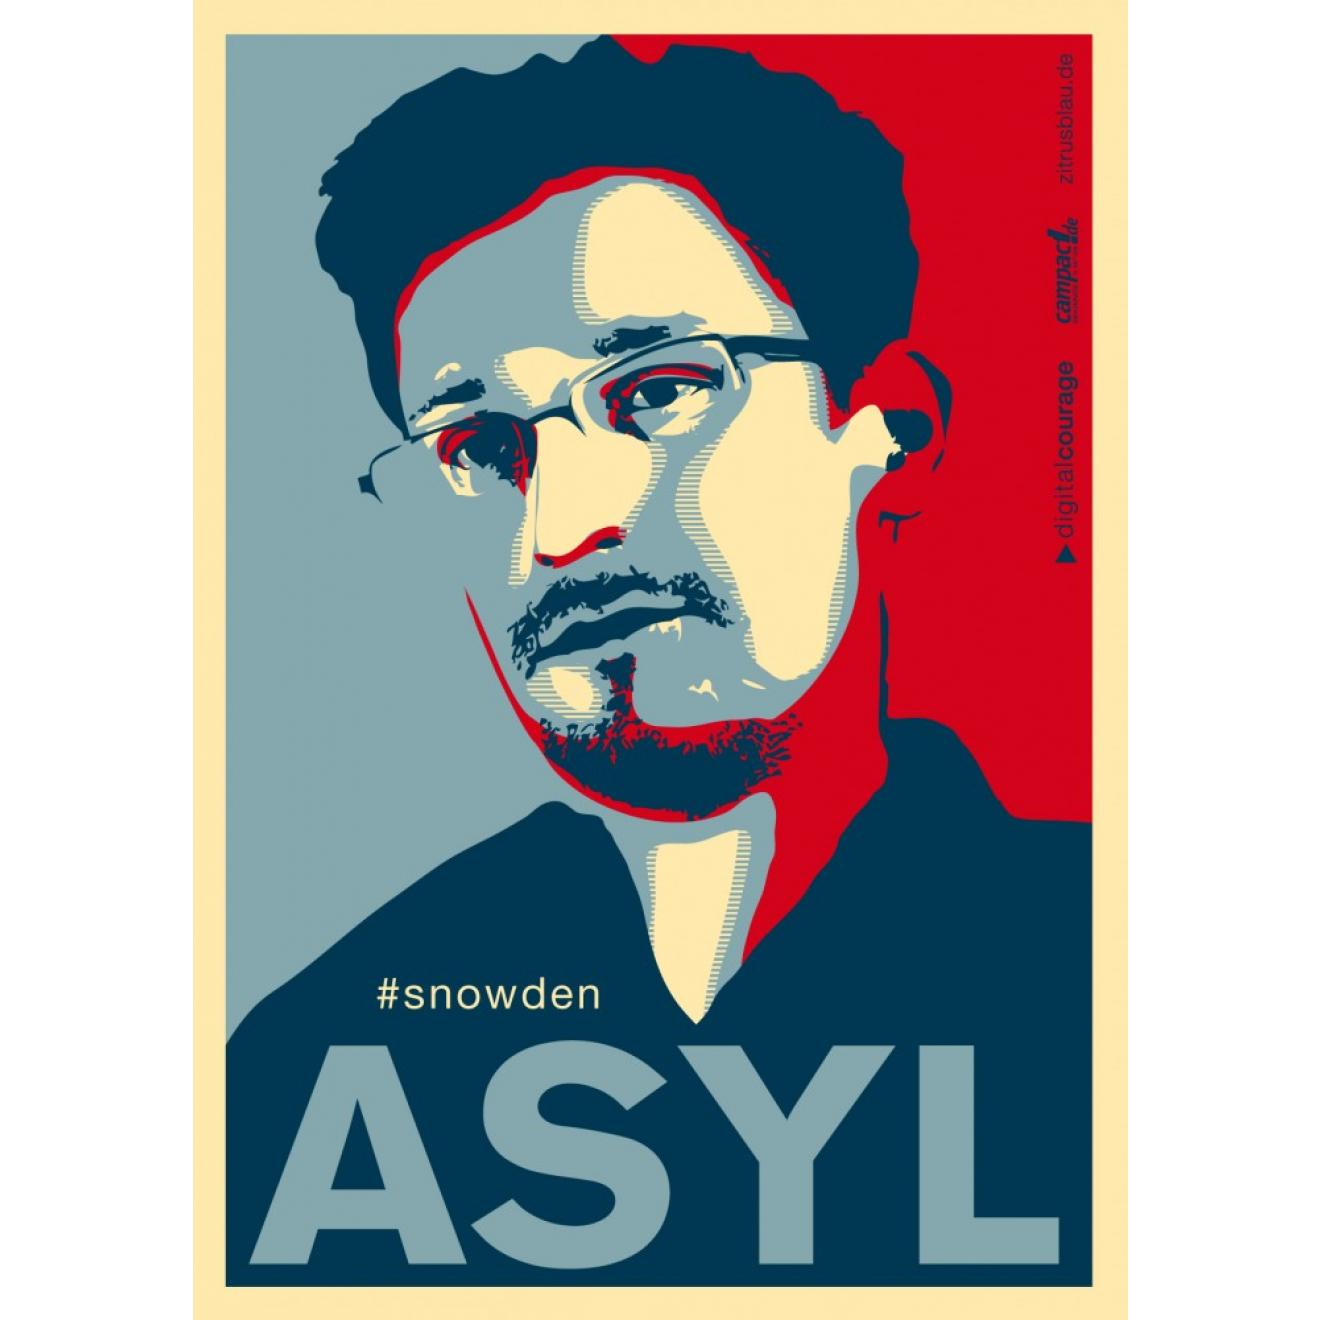 Aufkleber Asyl Für Snowden